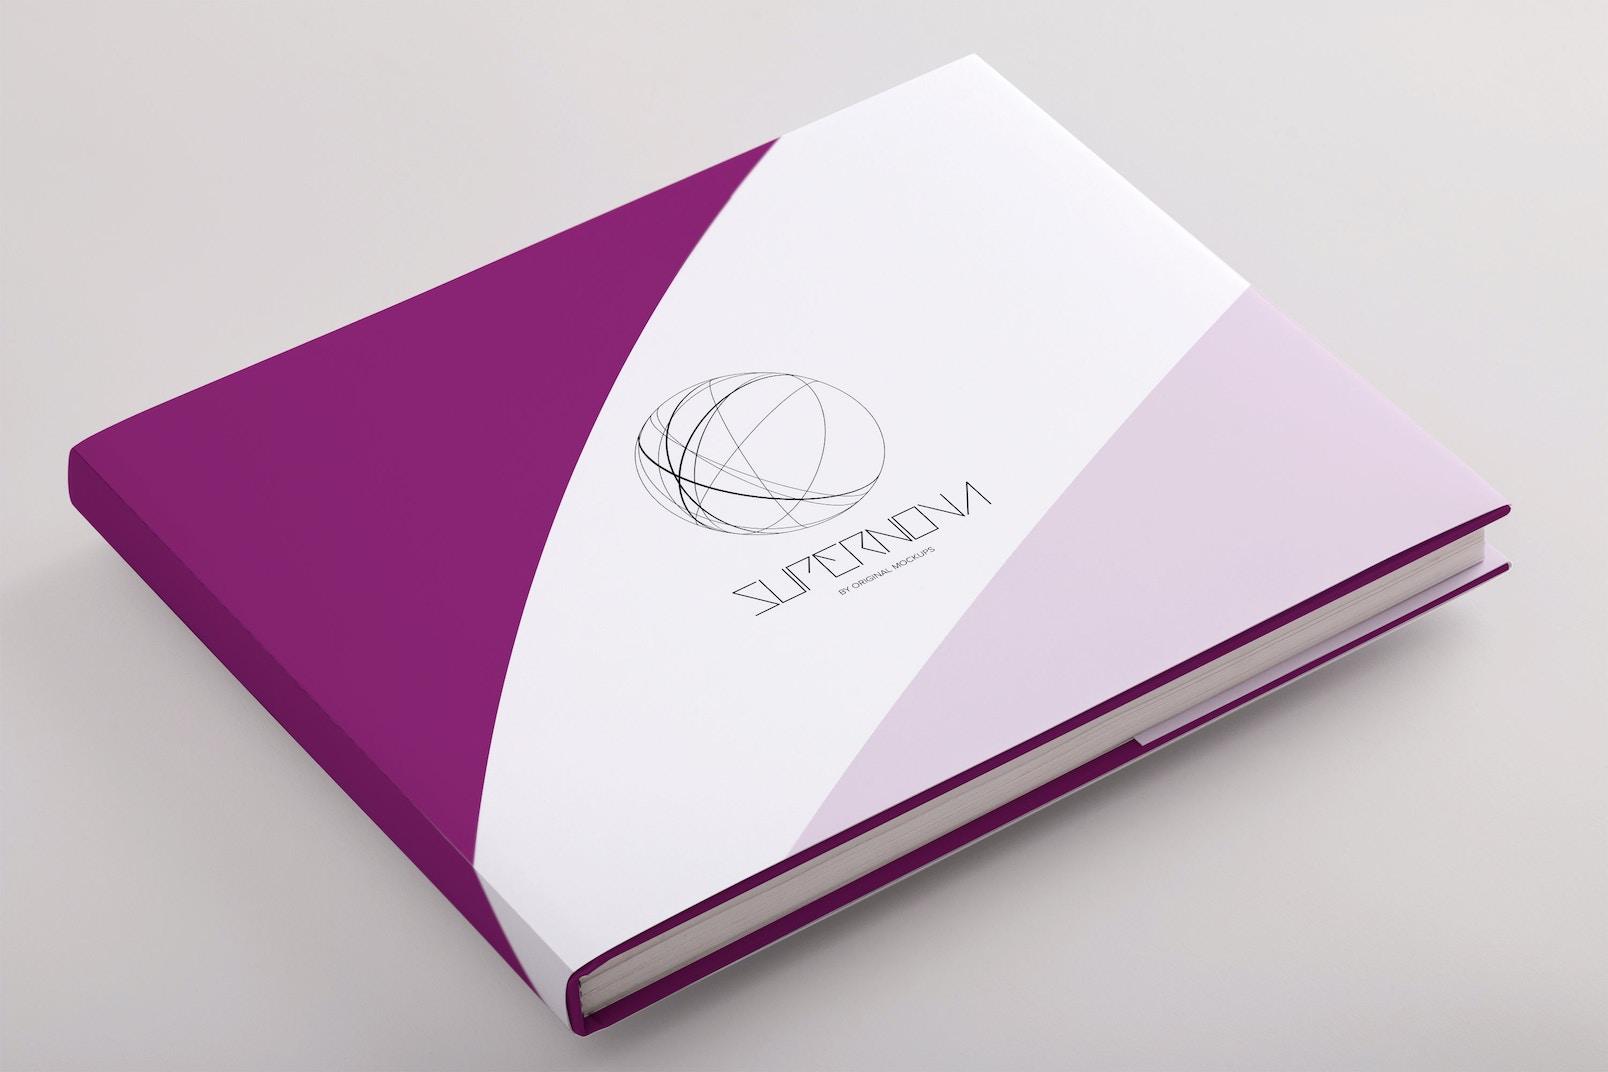 Hardcover Standard Landscape Book PSD Mockup 02